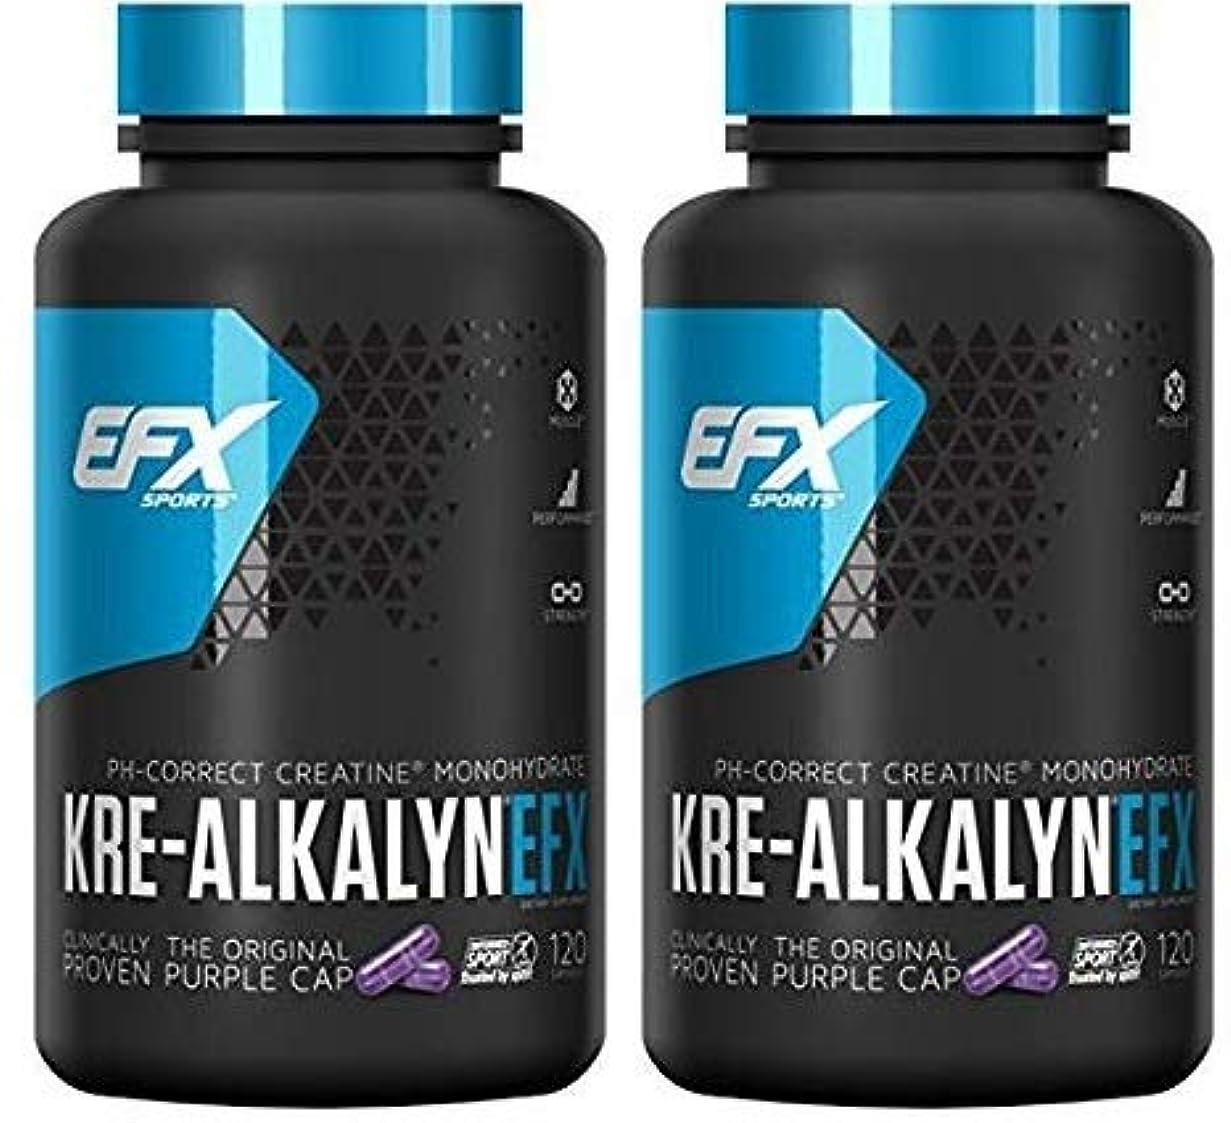 発明する名目上の倍増【2個セット】クレアルカリン EFX(高純度クレアチン) 120粒 [並行輸入品]